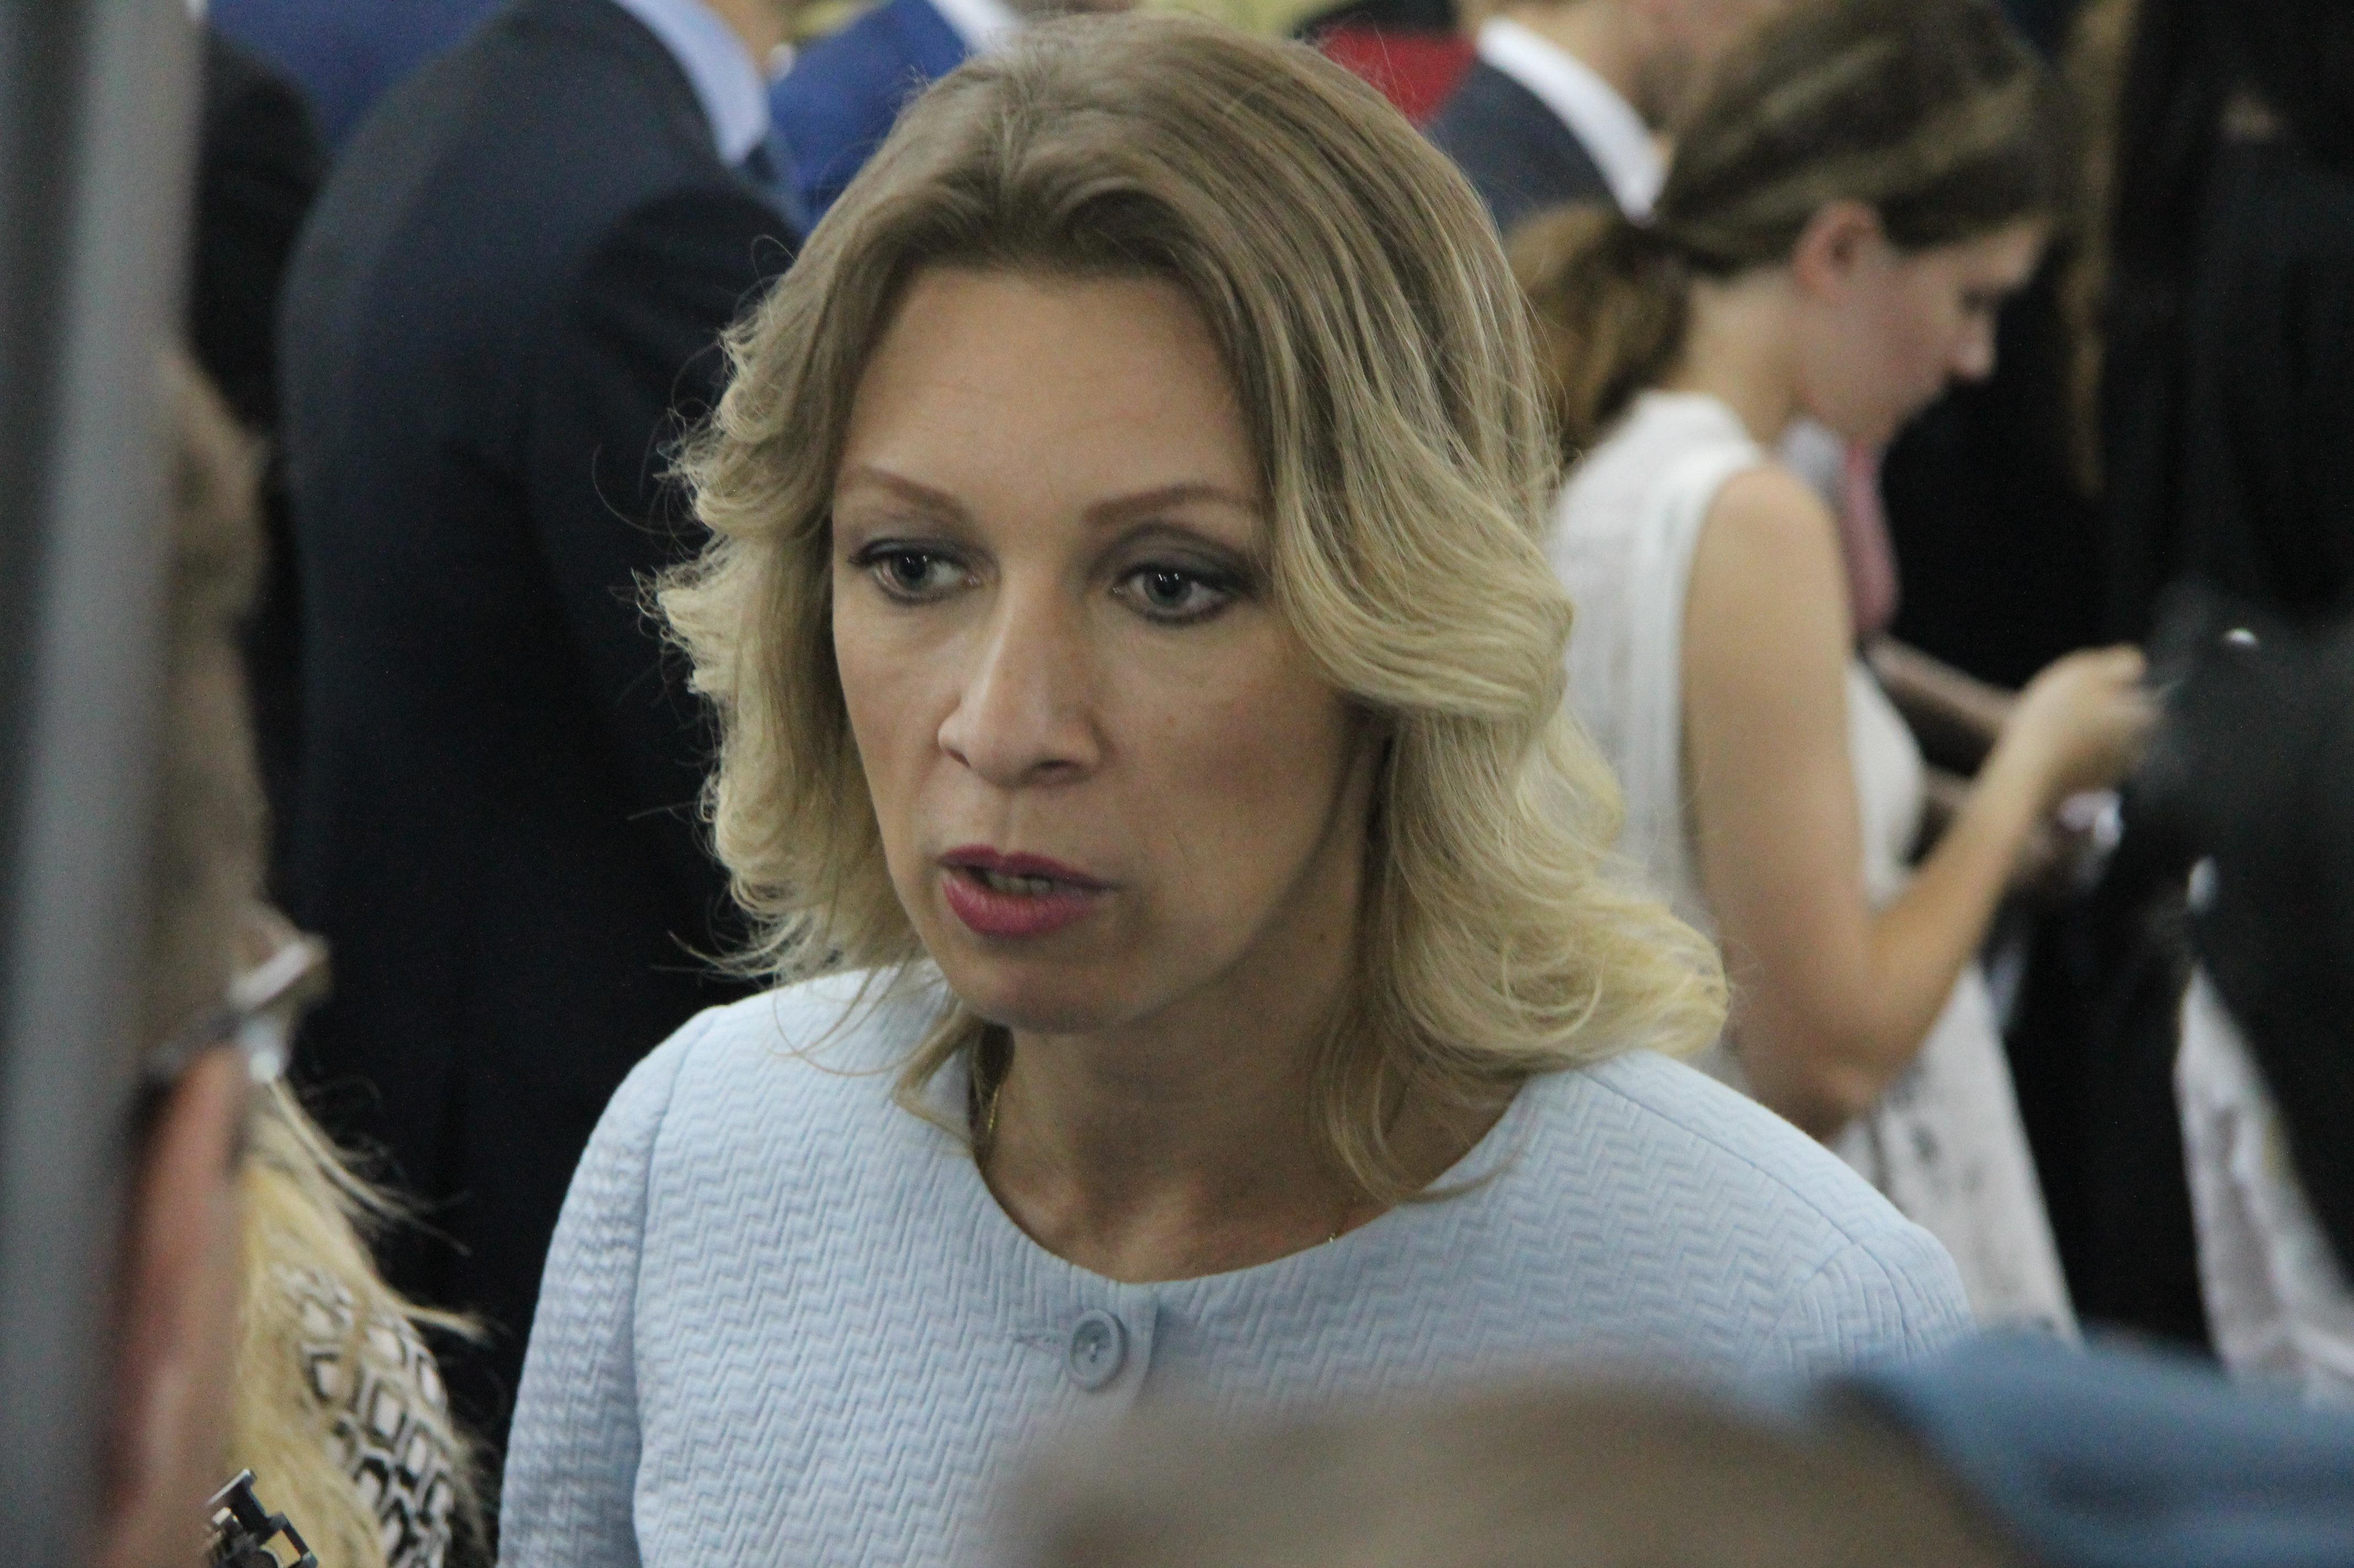 Representante oficial do Minsitério das Relações Exteriores russo Maria Zakharova fala aos jornalistas antes da reunião de embaixadores russos, Moscou, Rússia, 30 de junho de 2016